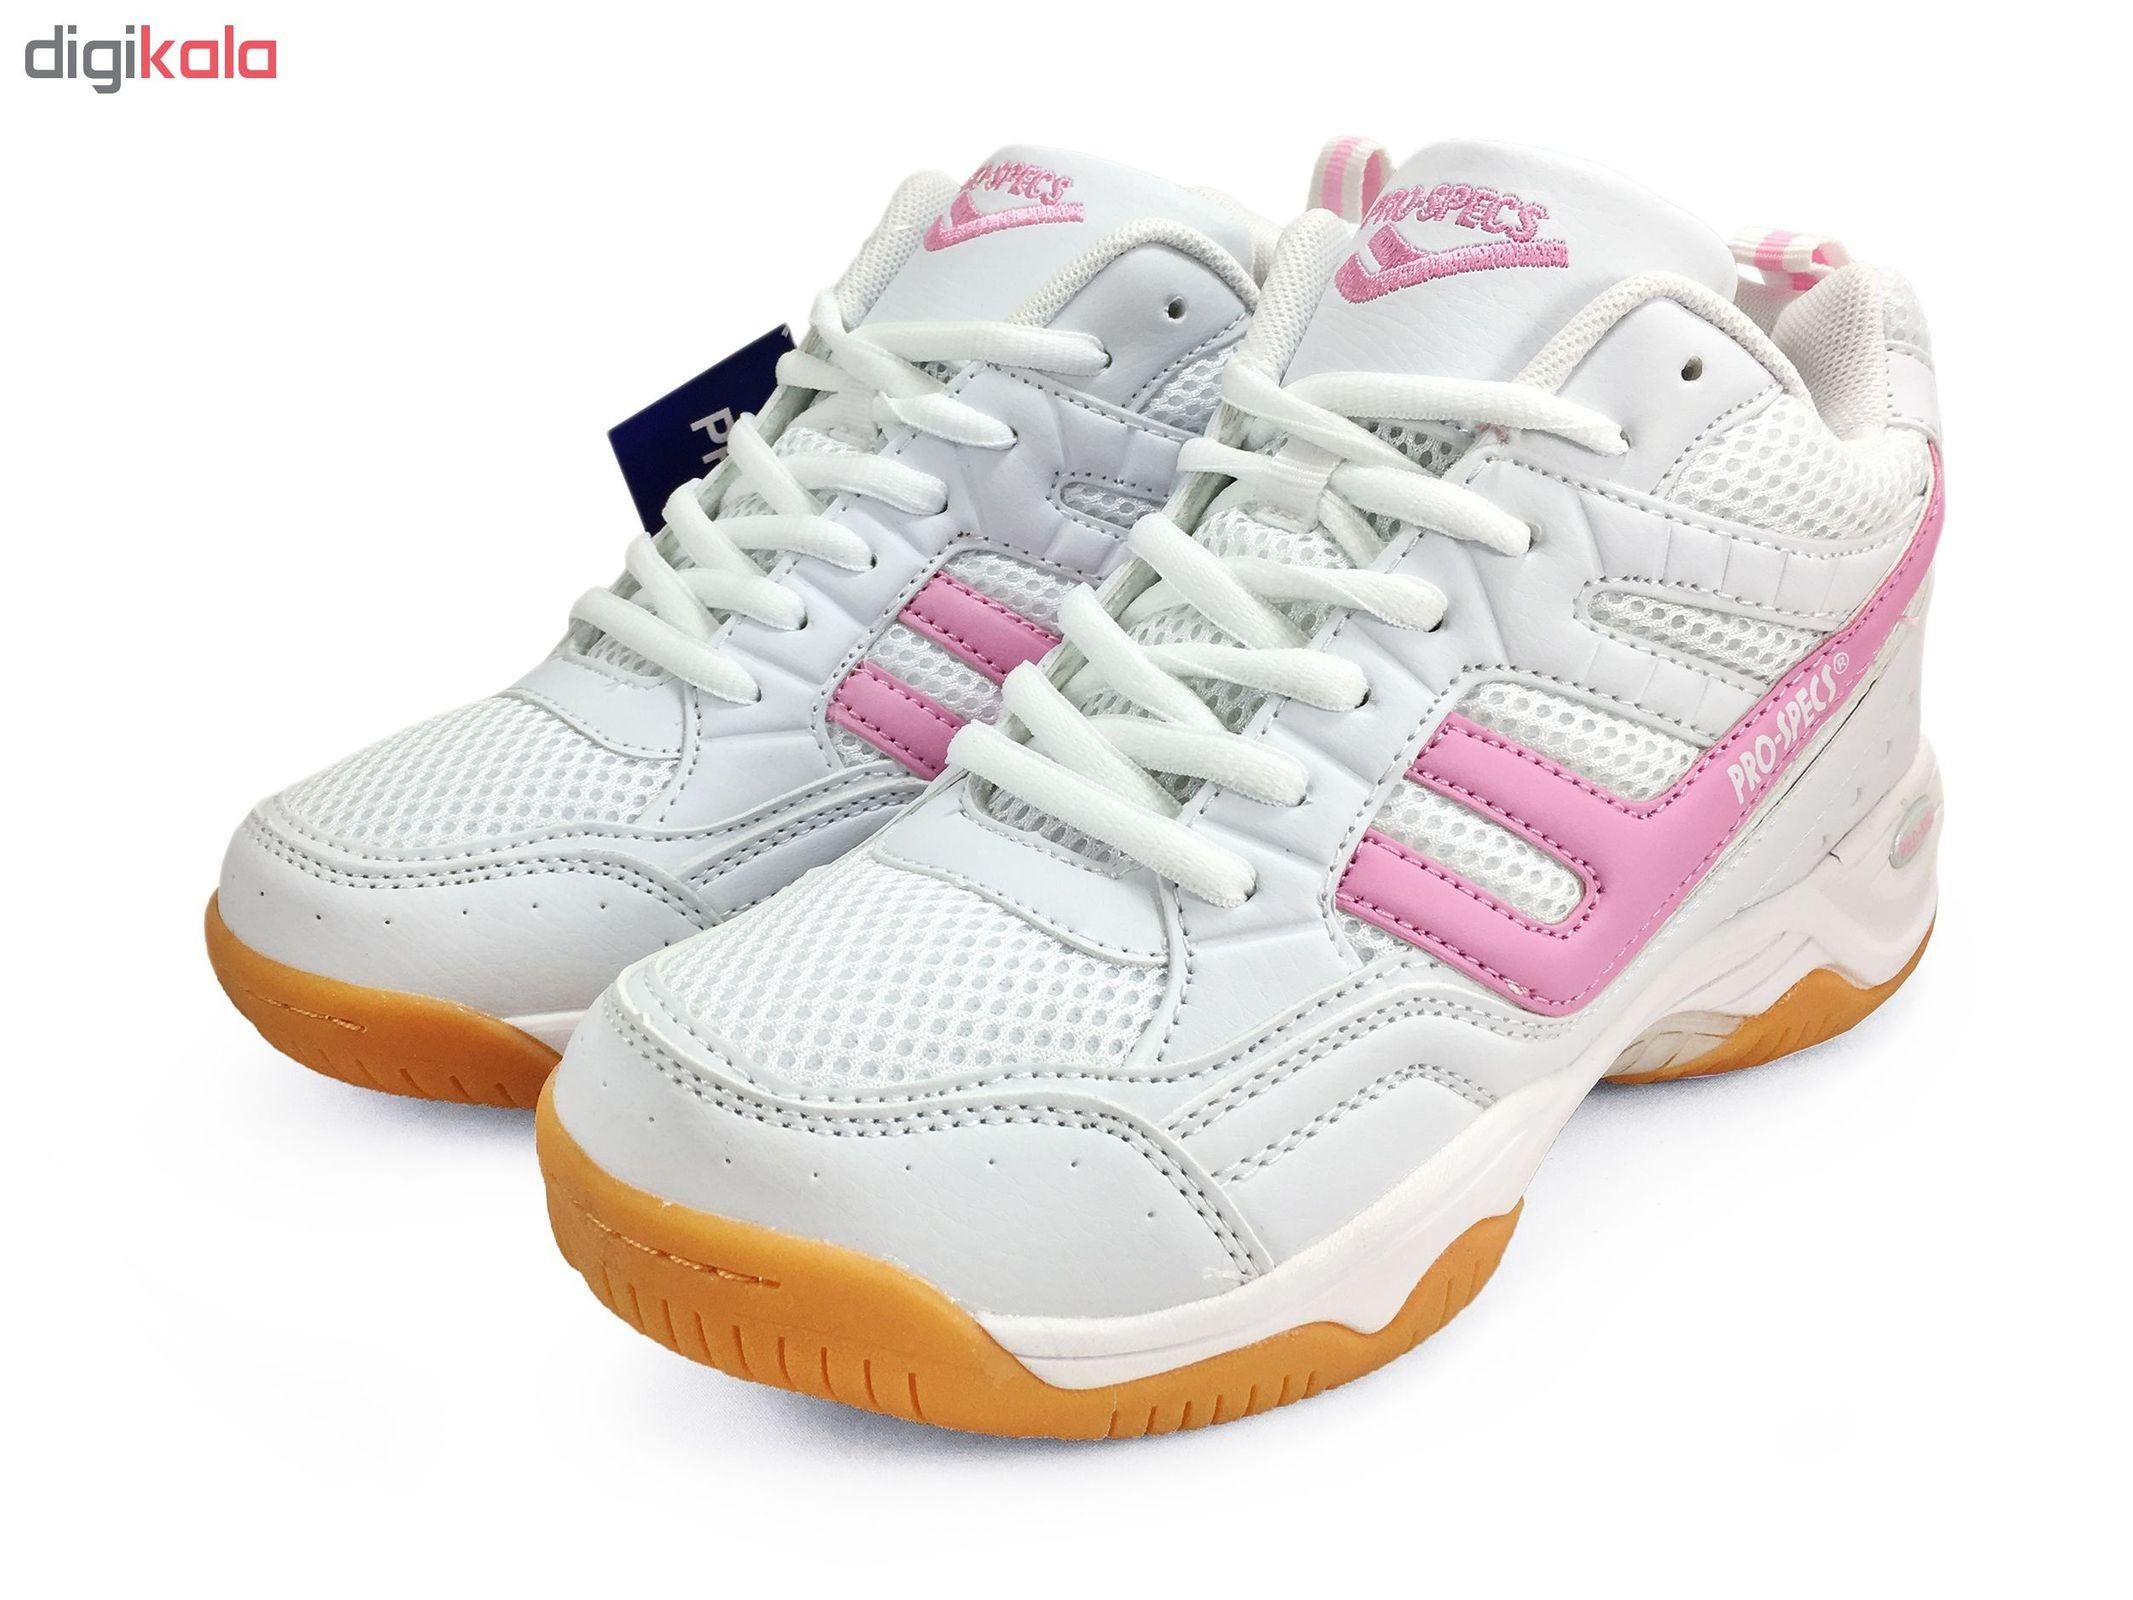 کفش مخصوص پیاده روی نه پرواسپکس کد SJ139